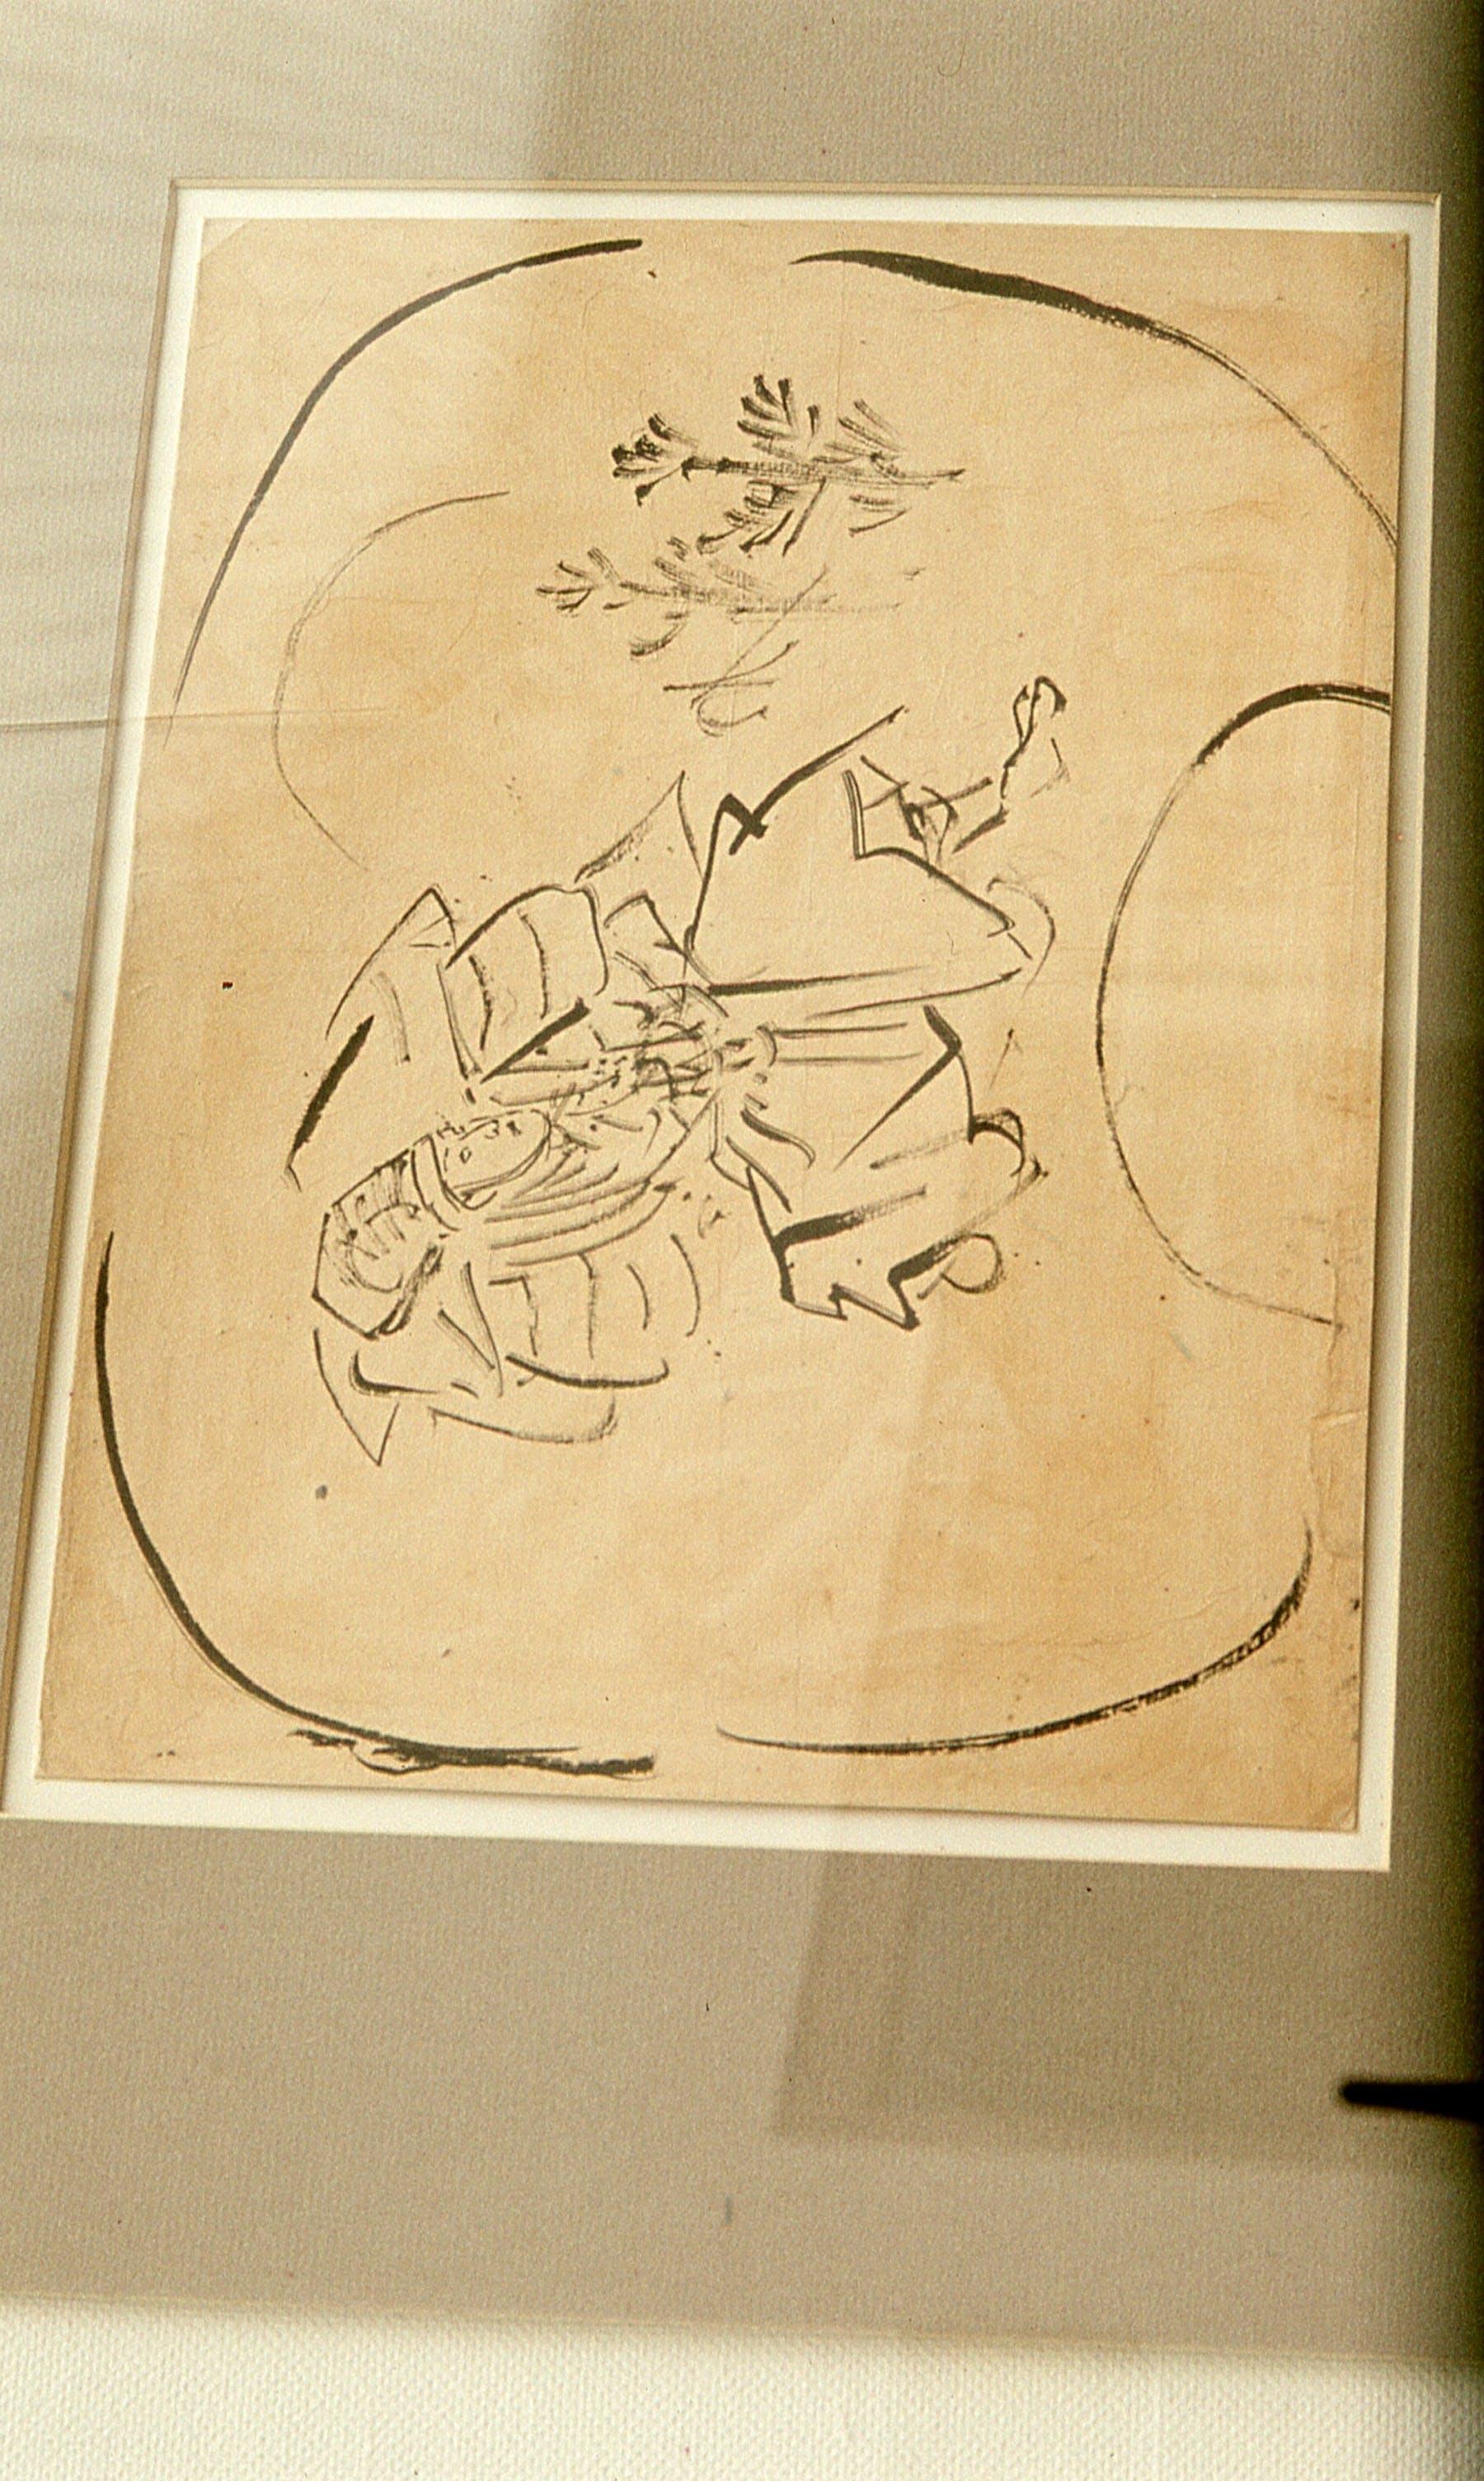 Japanesedrawings009